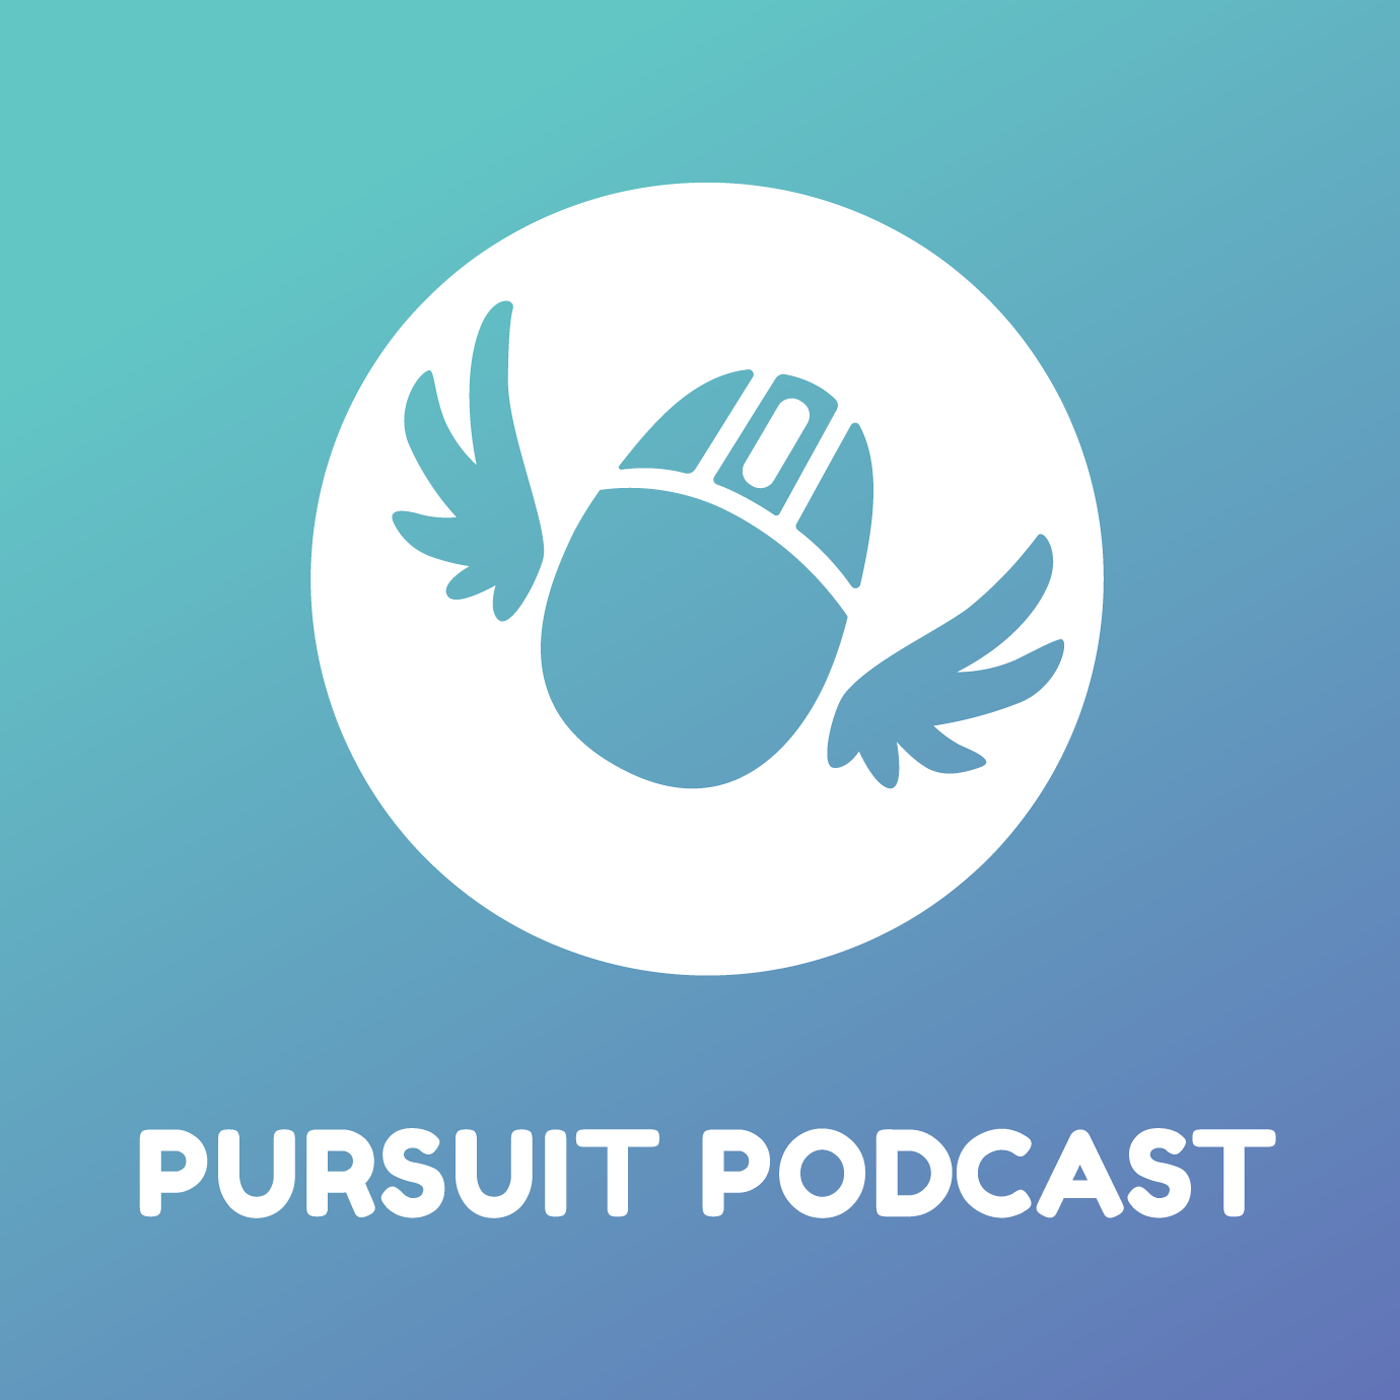 Pursuit Podcast show art